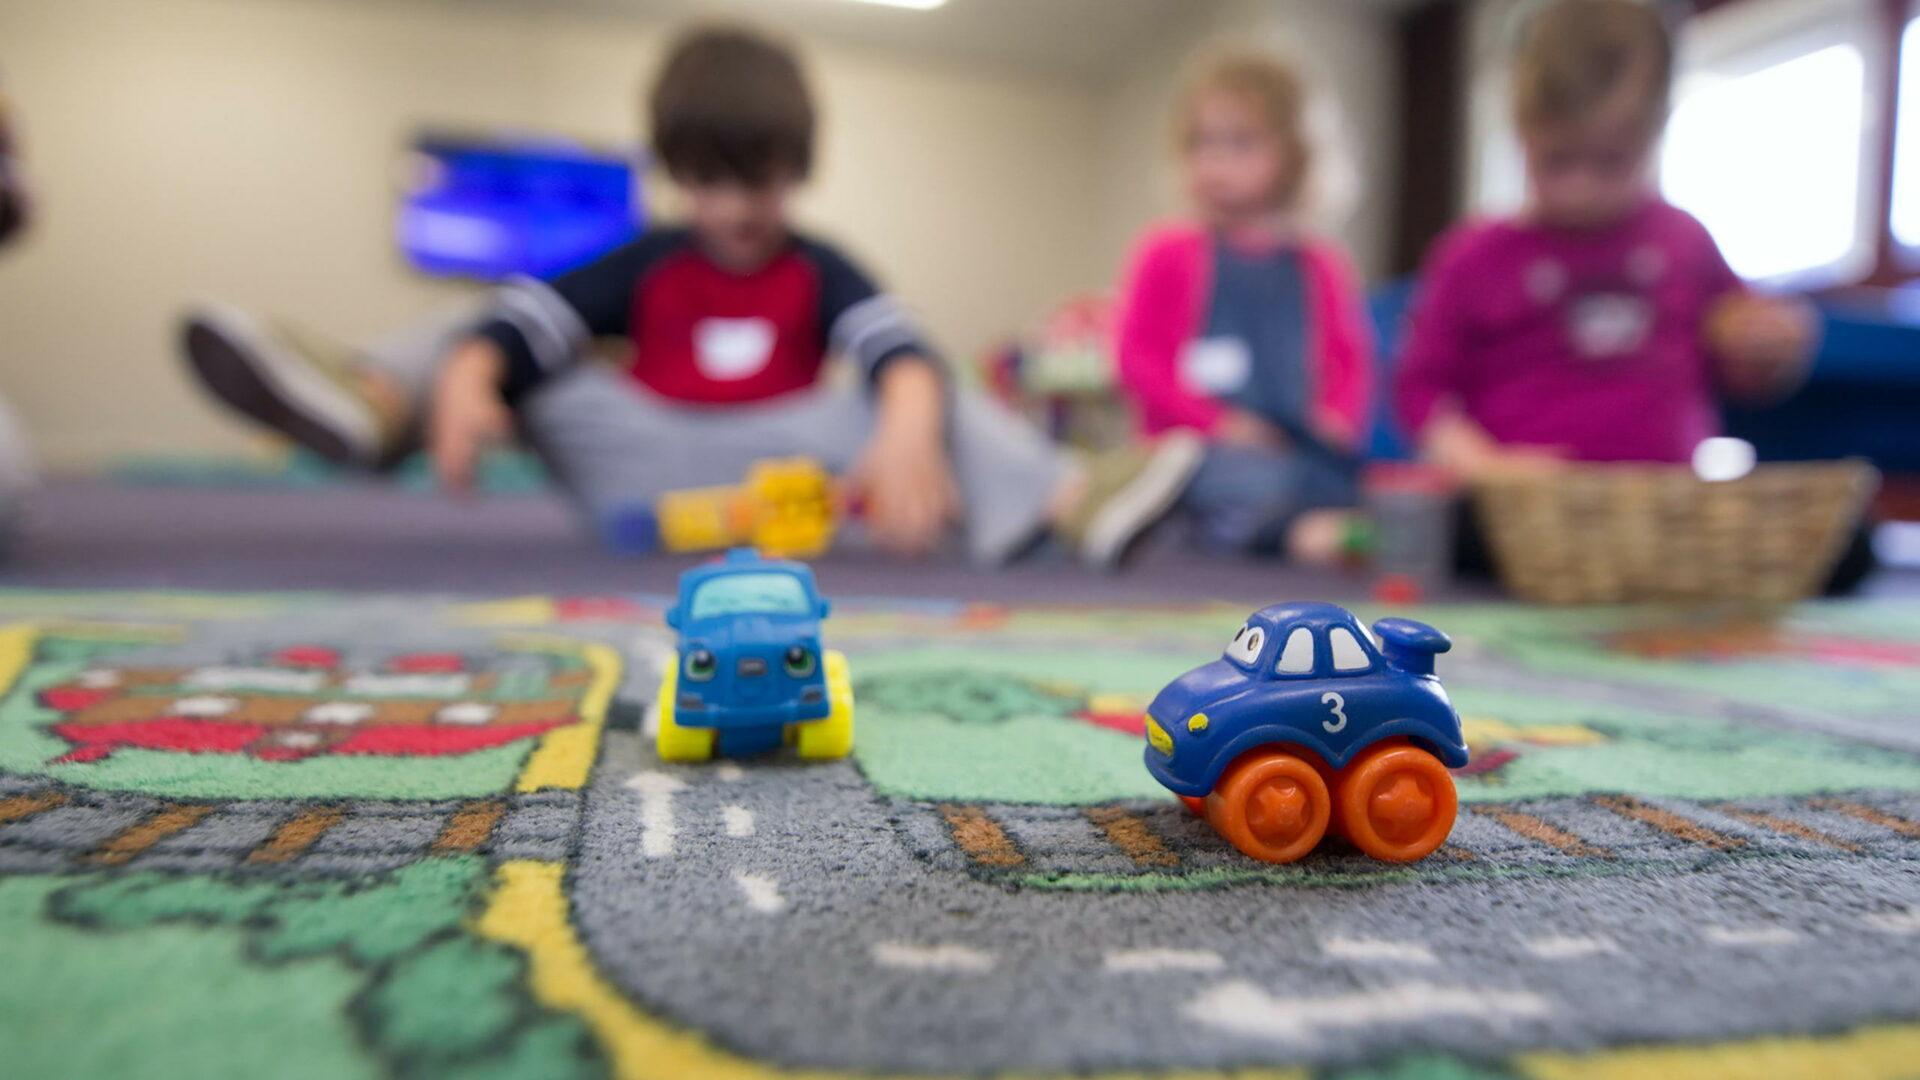 Die Auswirkungen der Corona-Pandemie auf Kinder. (Bild: BBC Creative/Unsplash)